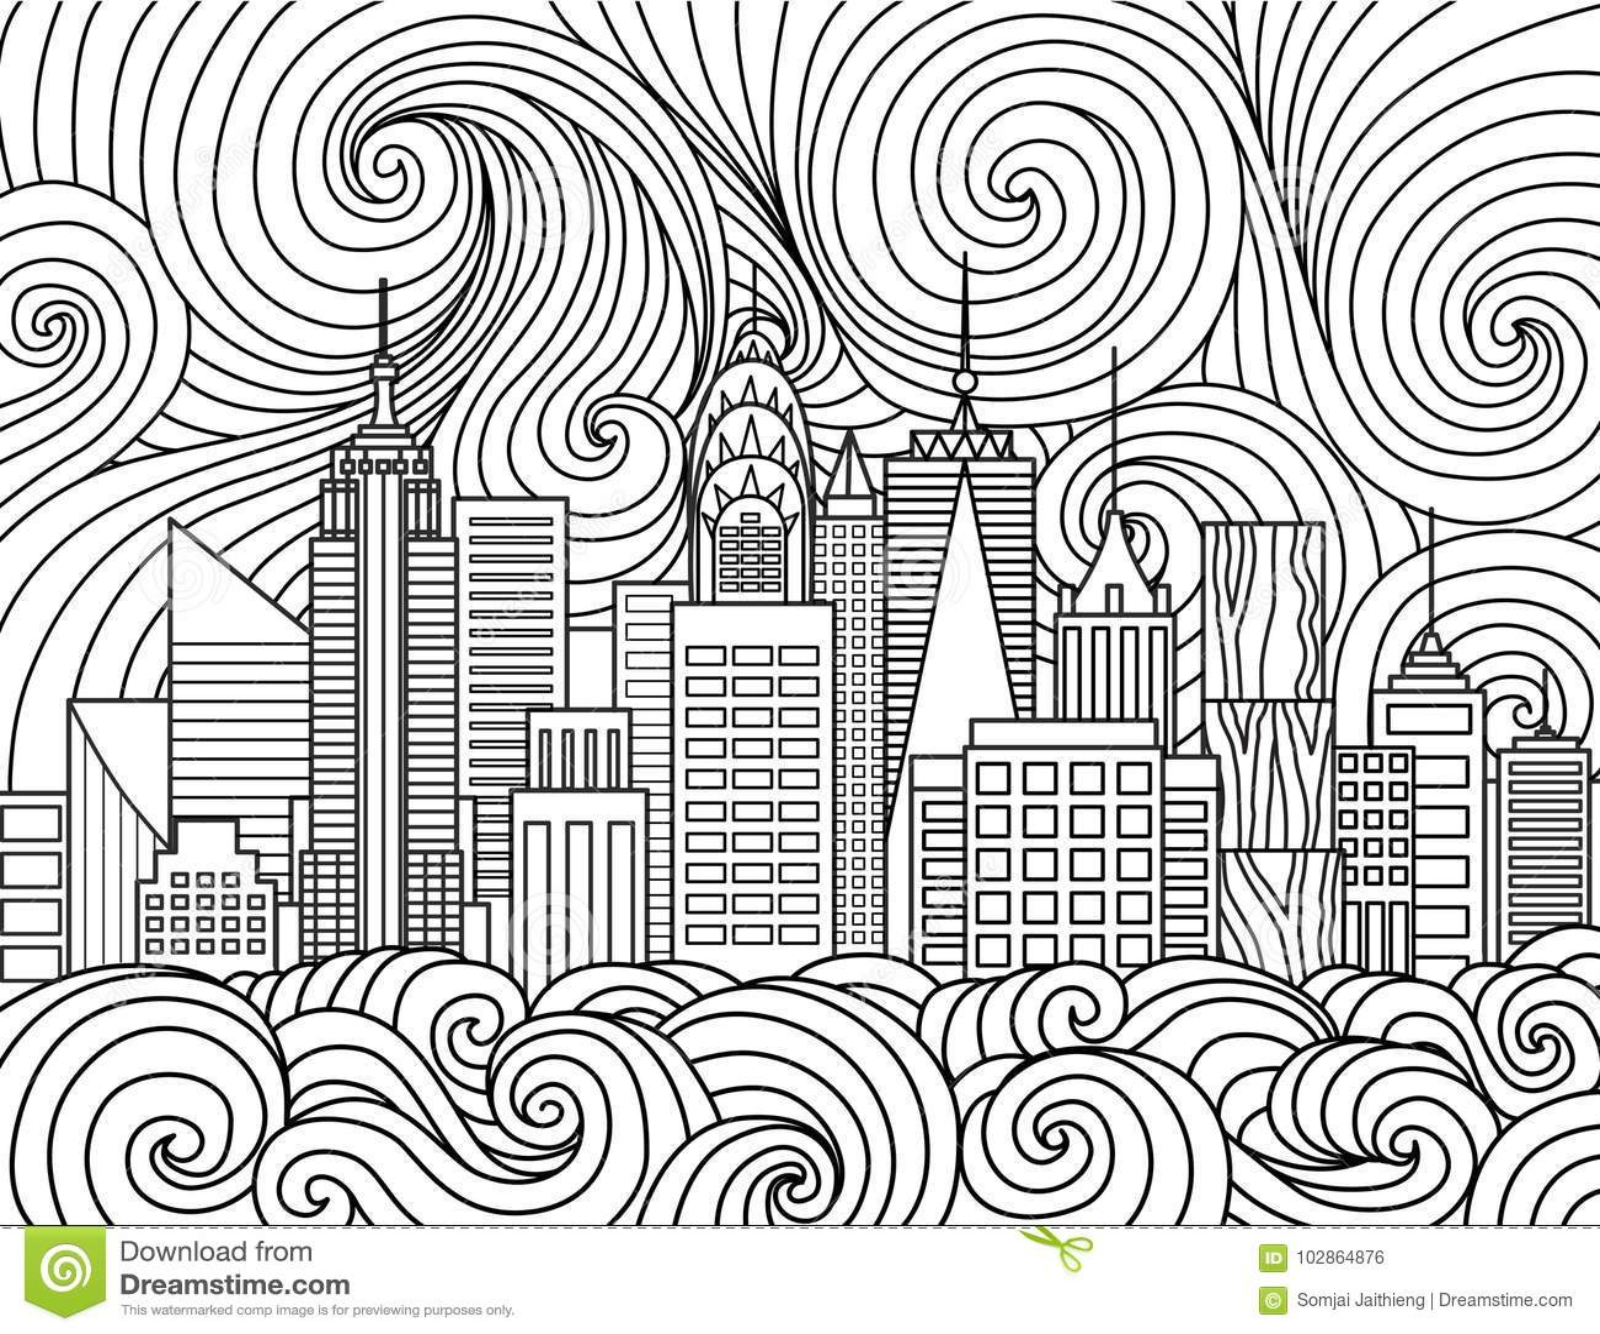 Coloriage Adulte New York.Horizon De New York City Illustration De Vecteur